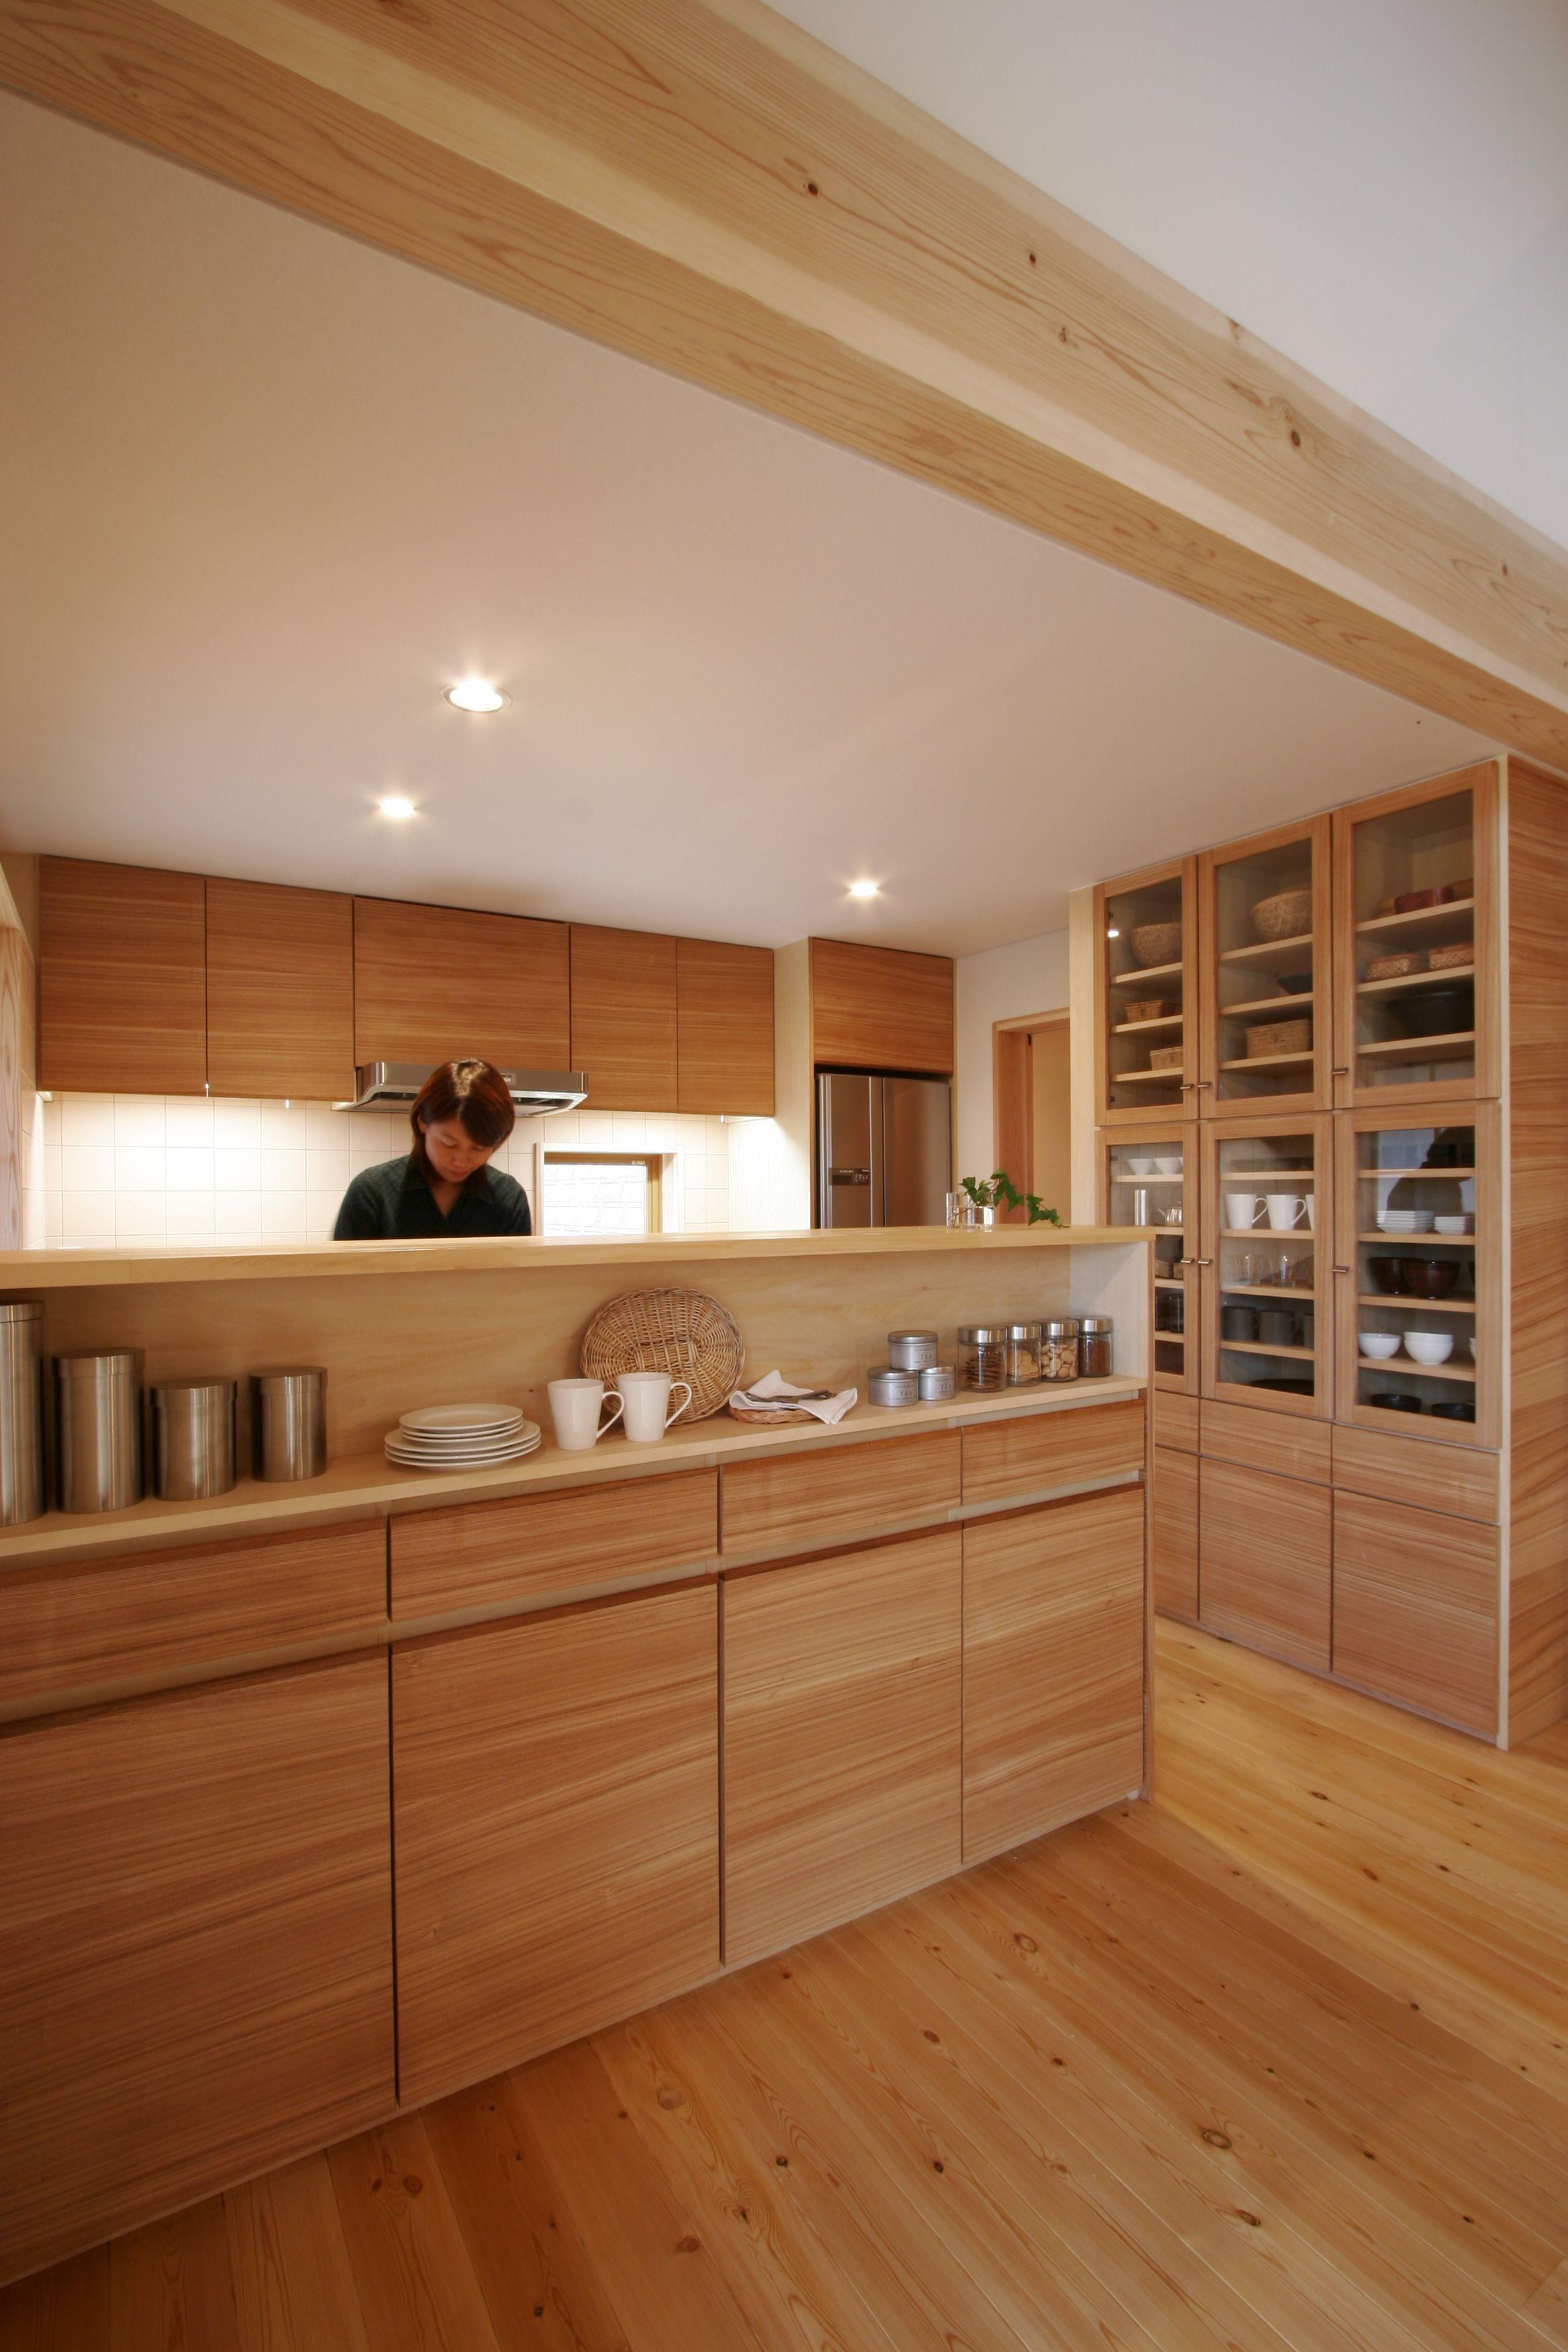 オリジナルキッチンは背面の収納にもこだわり造作 木目の美しさを活かして 造り付け家具 木製キッチン キッチン収納 キッチンカウンター インテリア キッチンカウンター下収納 家